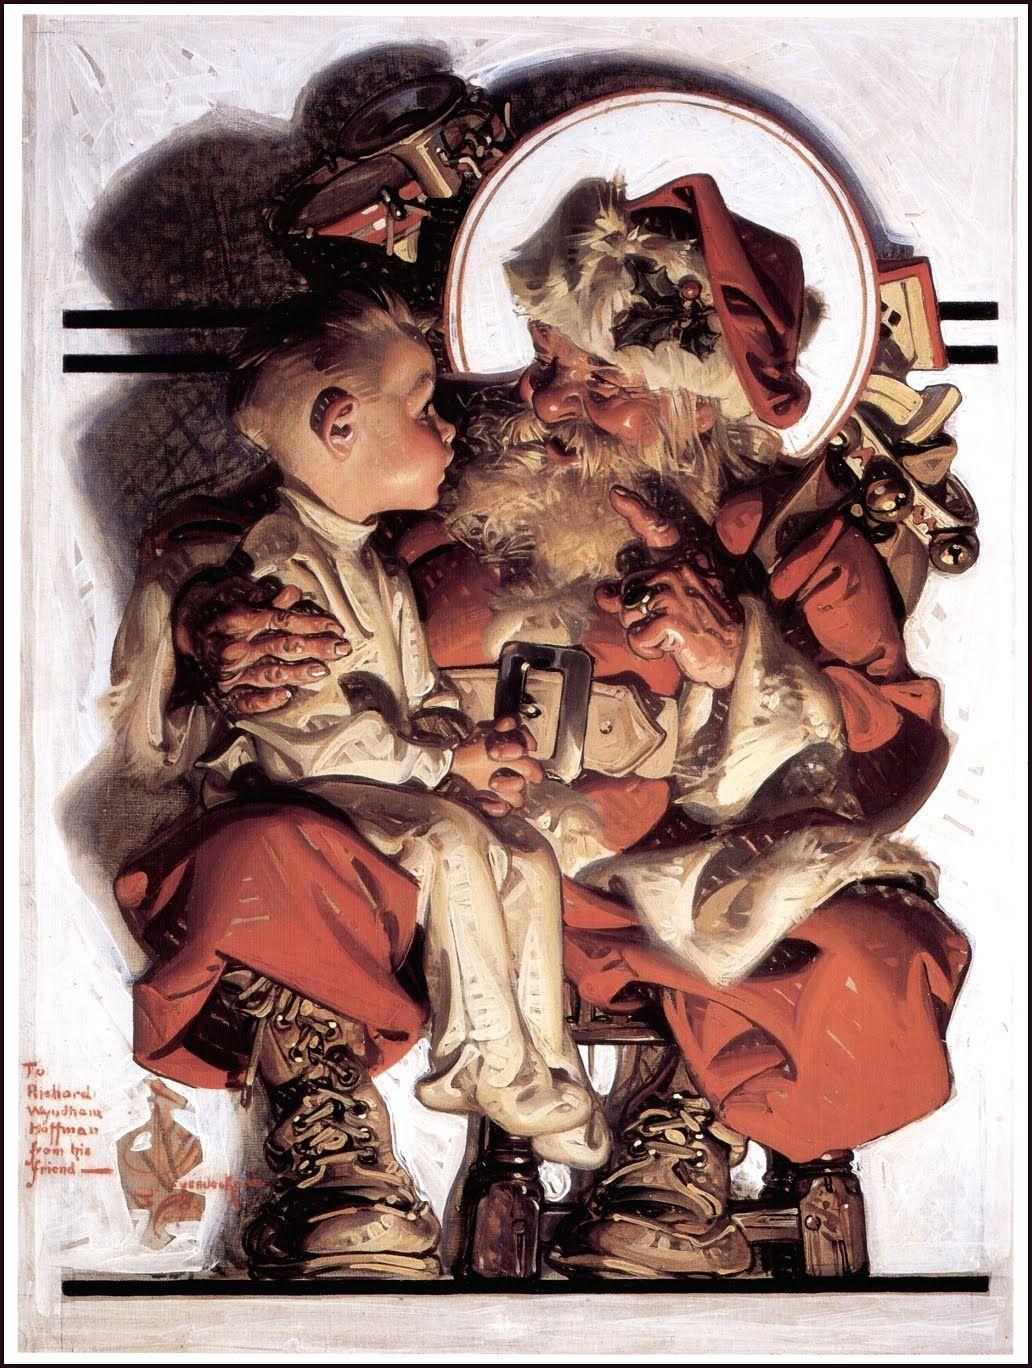 J C Leyendecker クリスマス イラスト ライエンデッカー